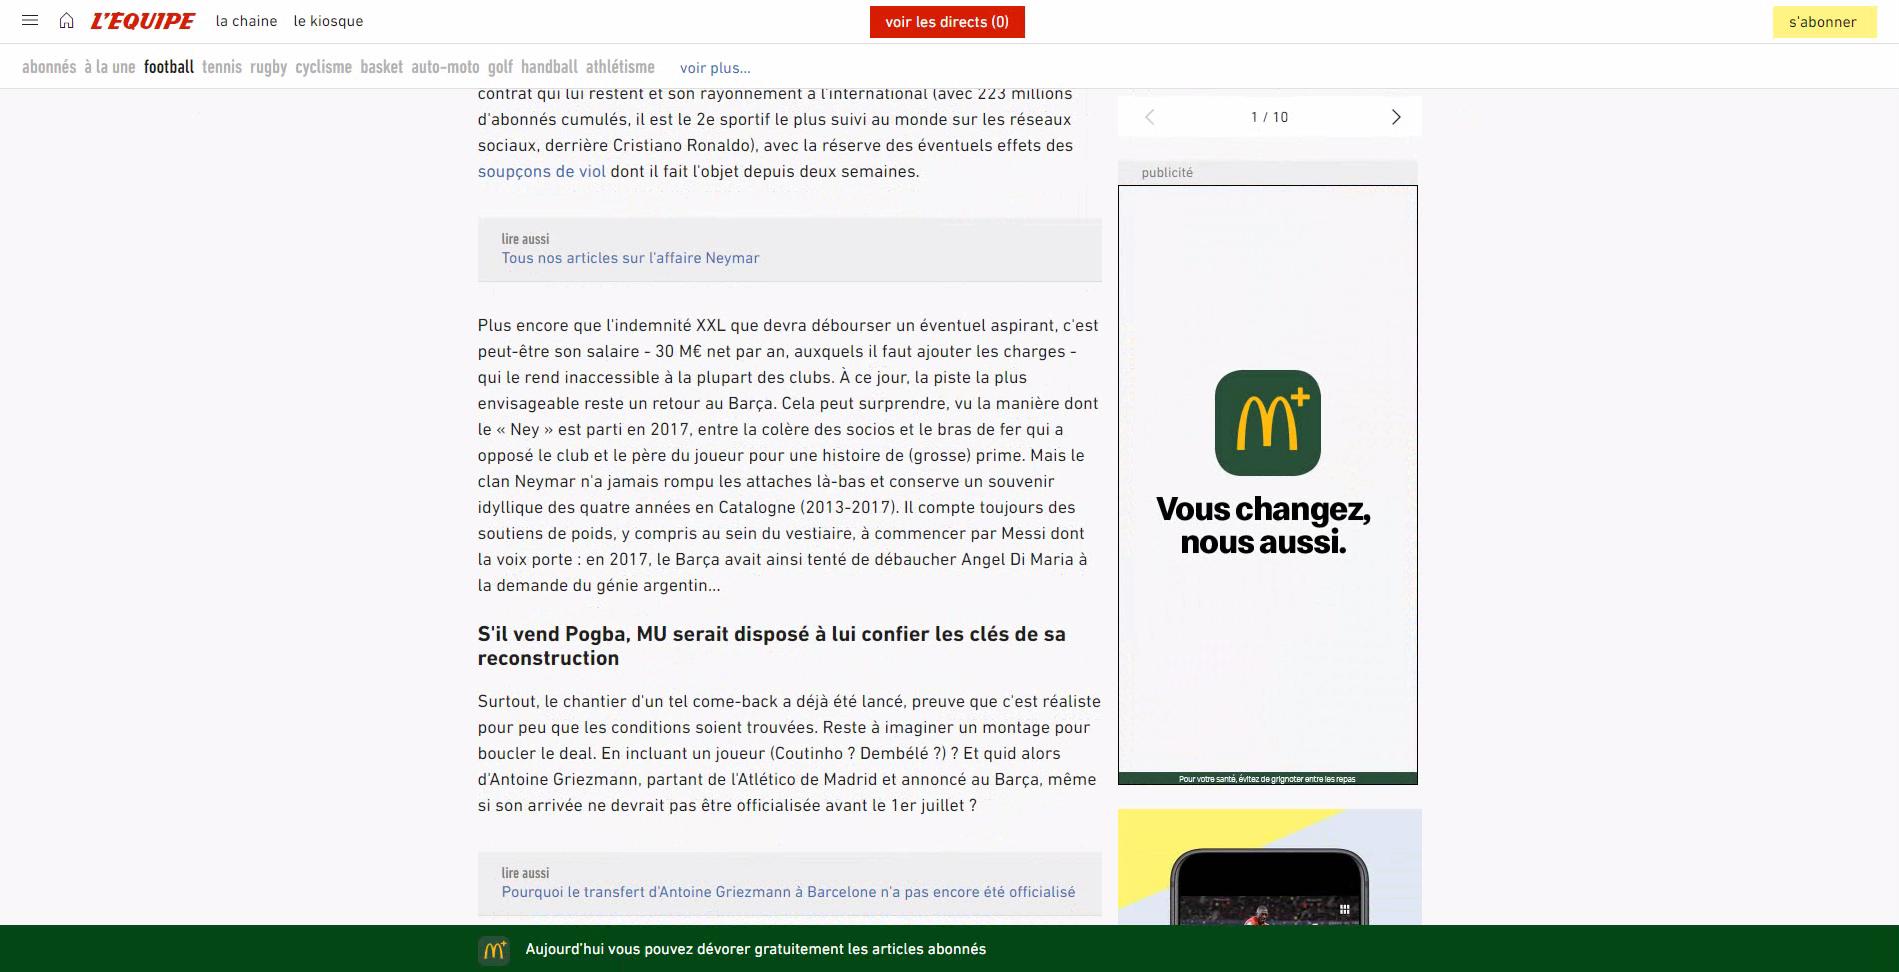 Article abonné 1 - Cas McDonald's